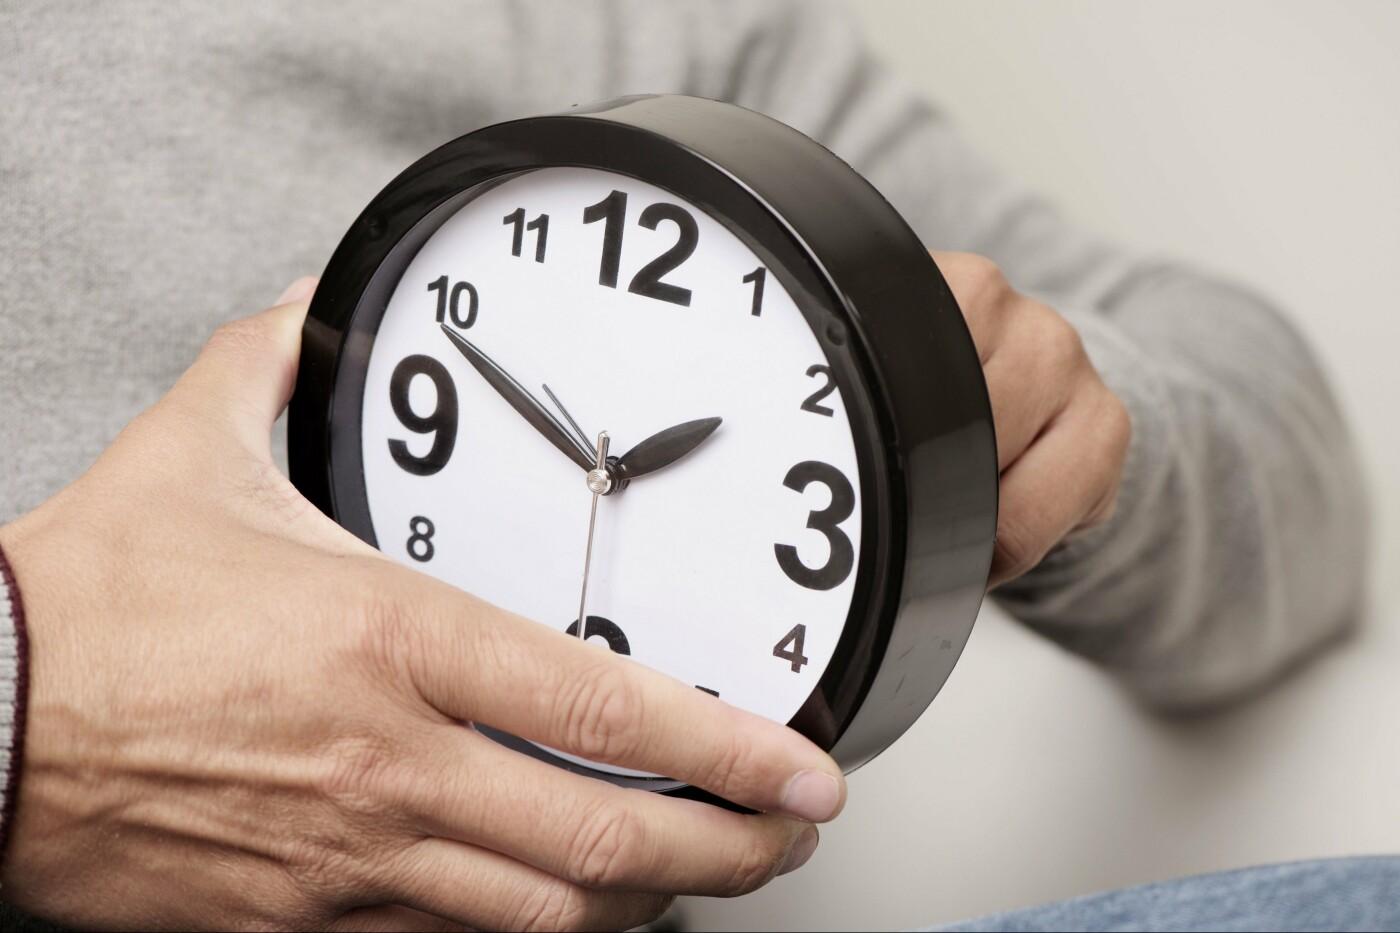 Сьогодні в Україні перевели годинник - як дізнатися точний час, фото-1